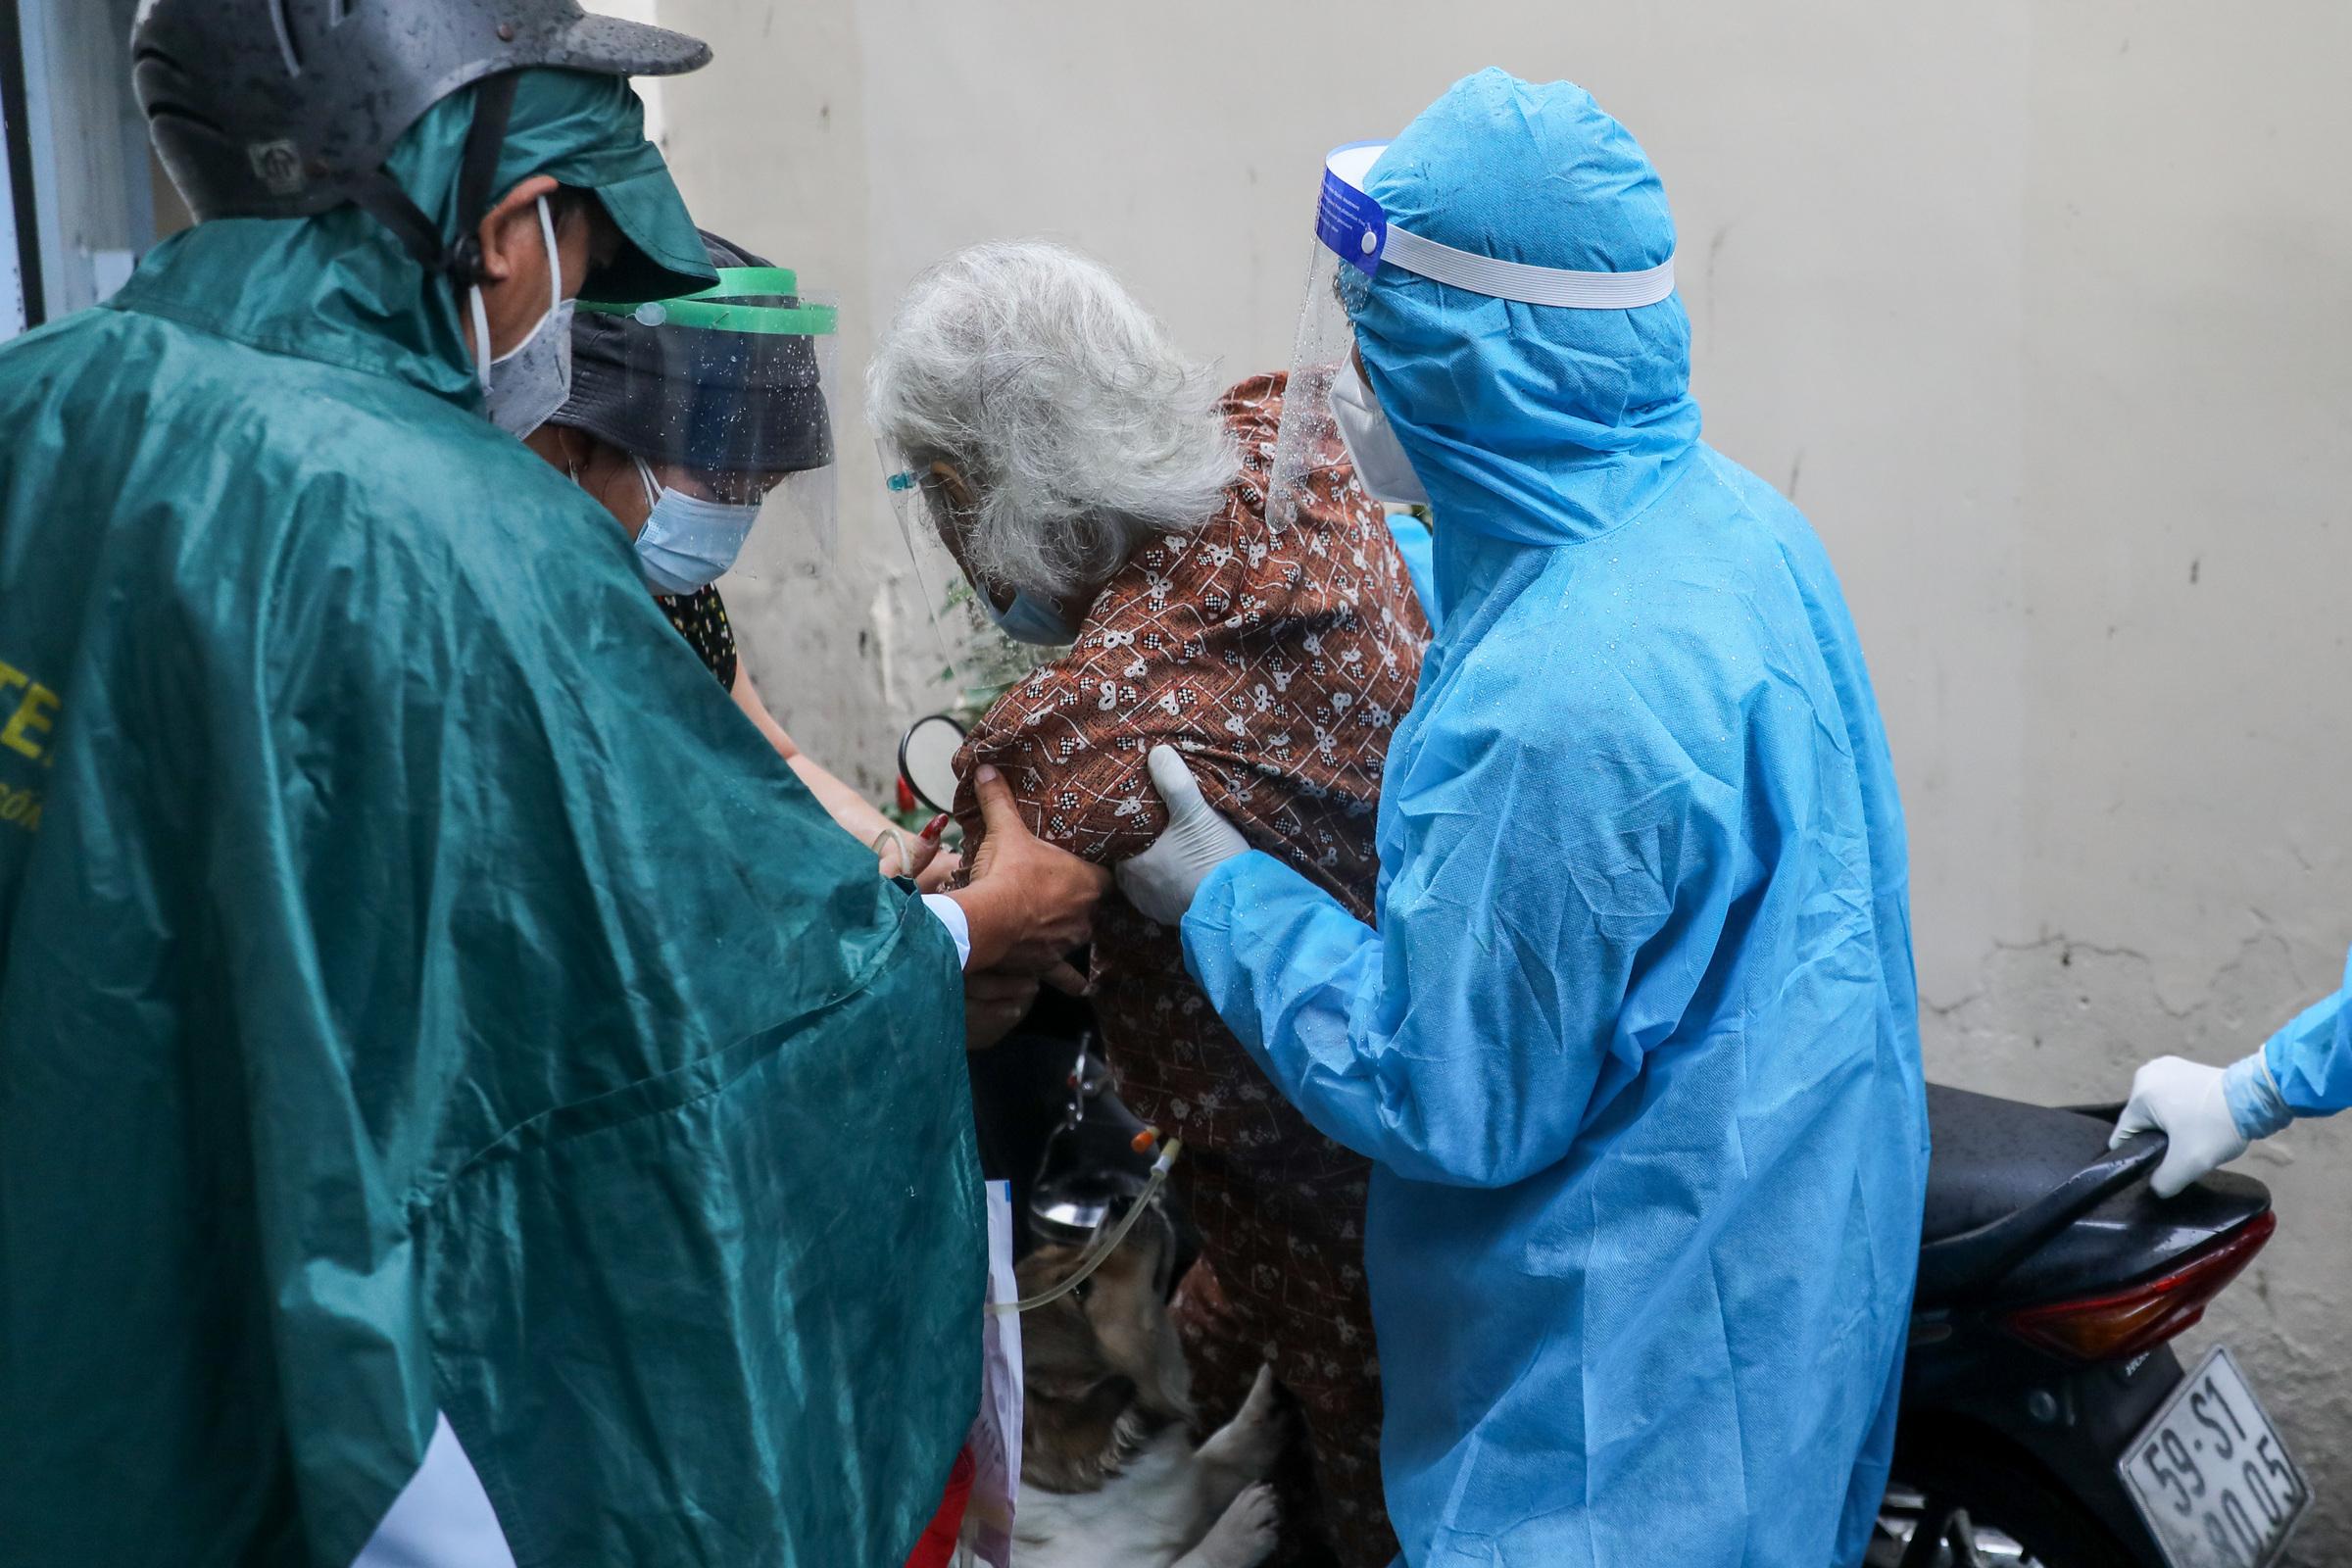 Tổ quân y cơ động ở phường 11, quận Bình Thạnh hỗ trợ chăm sóc F0, ngày 23/8. Ảnh: Quỳnh Trần.